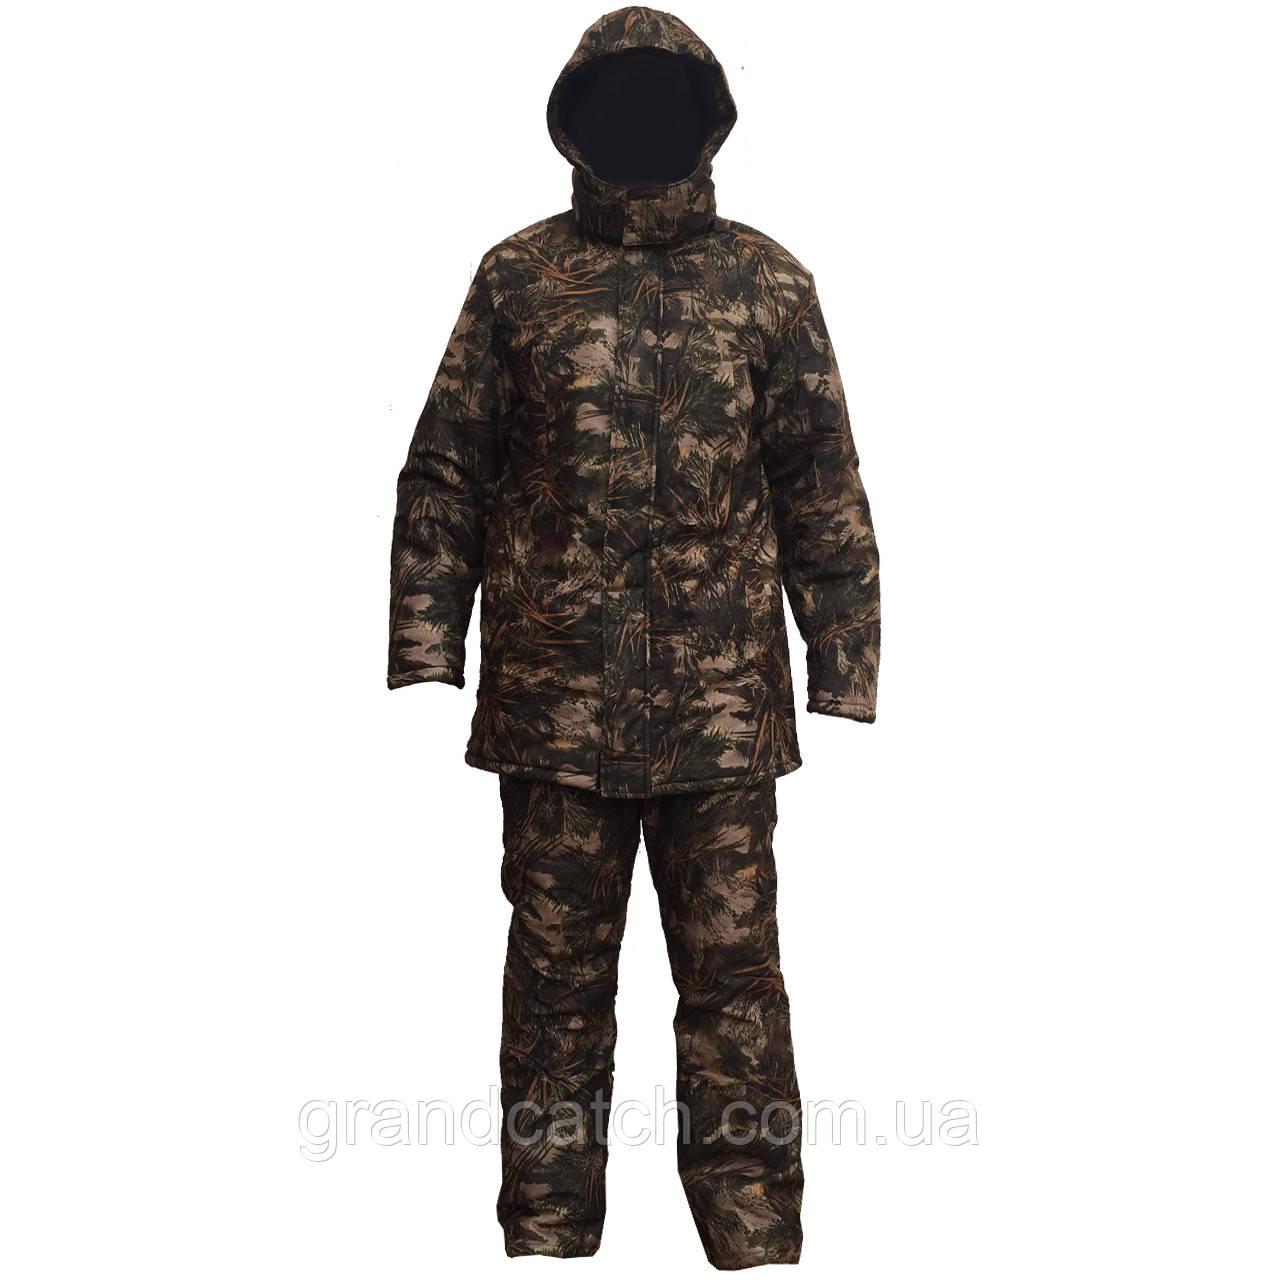 Зимний костюм для охоты и рыбалки мембрана AL-03